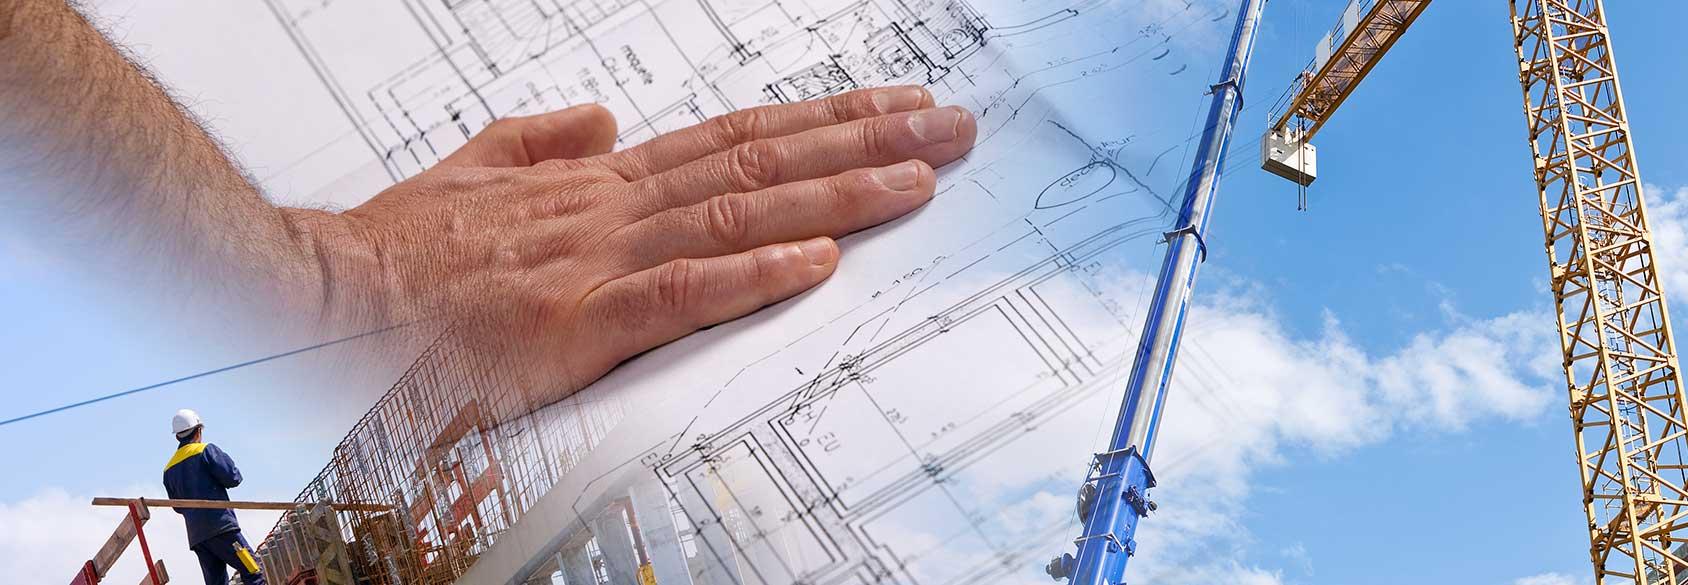 mano che poggi su un progetto edile e uomo in piedi su un pontile in fase di costruzione a Catania